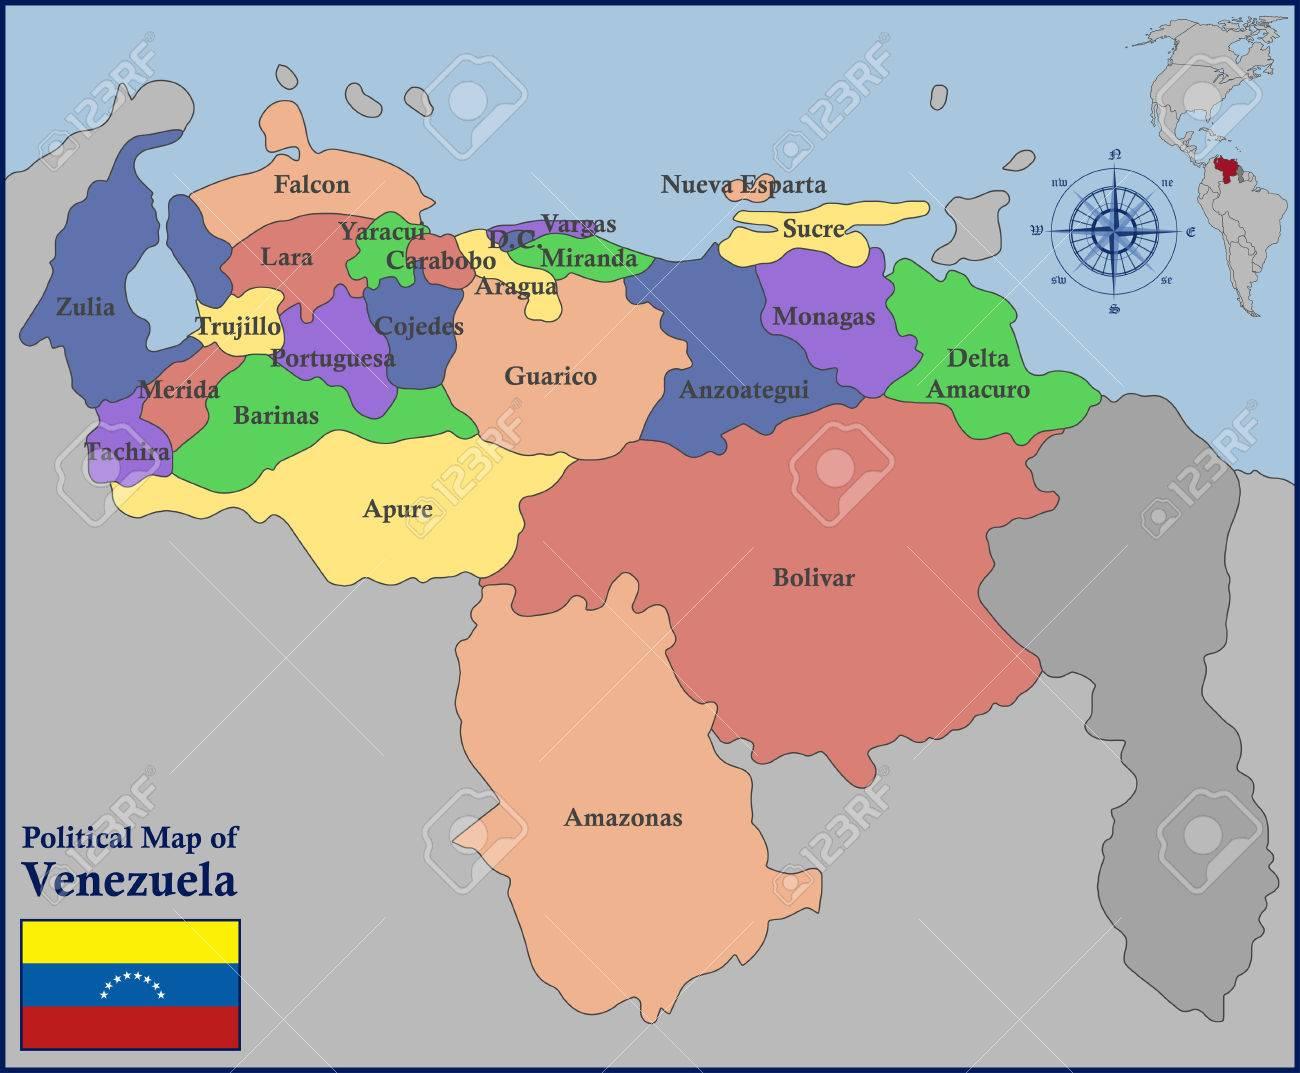 Mapa Politico De Venezuela Ilustraciones Vectoriales Clip Art Vectorizado Libre De Derechos Image 57221322